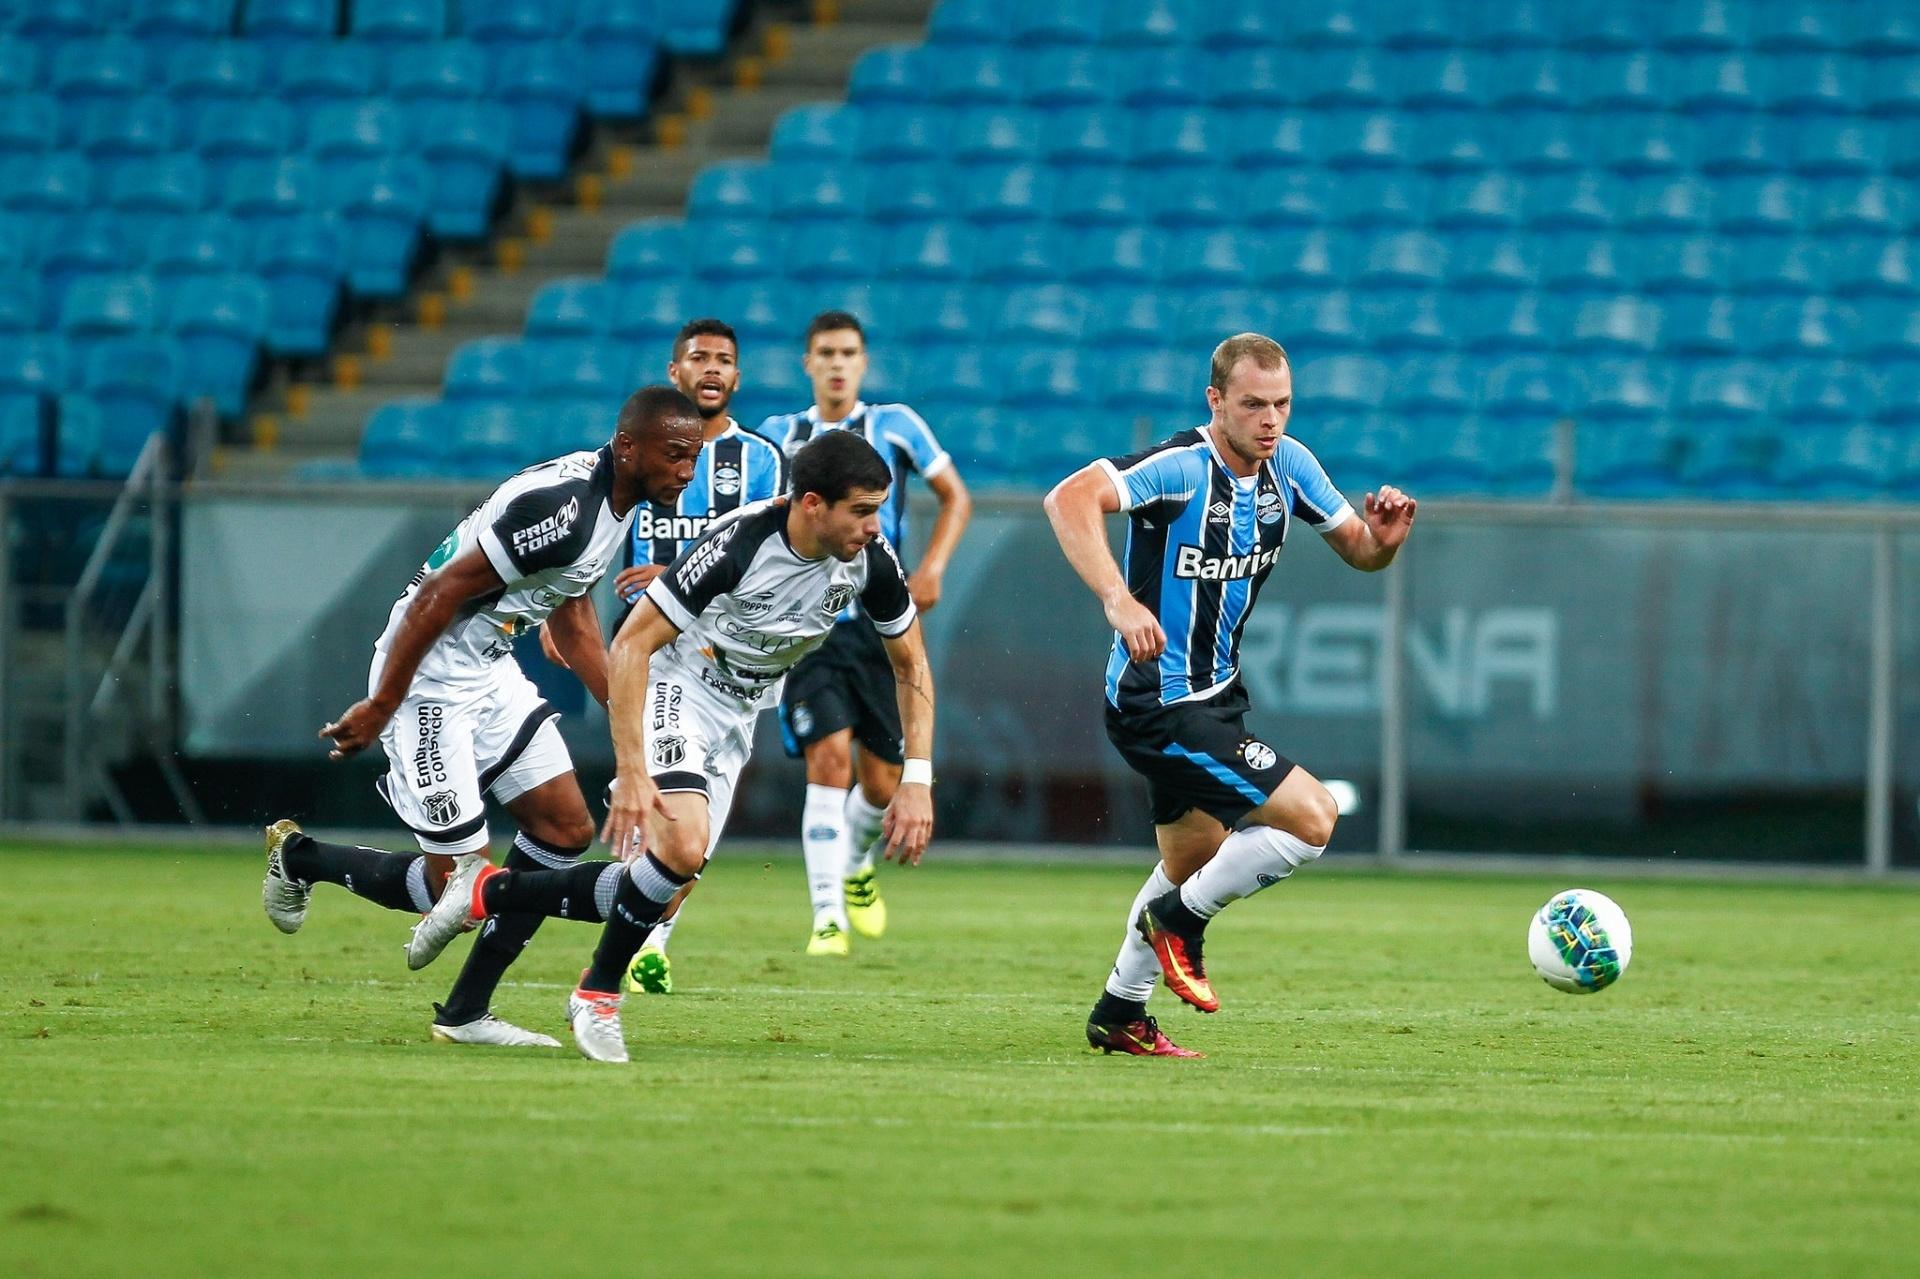 3dcdda0a2b Grêmio B busca empate contra o Ceará e se mantém vivo na Primeira Liga -  02 03 2017 - UOL Esporte